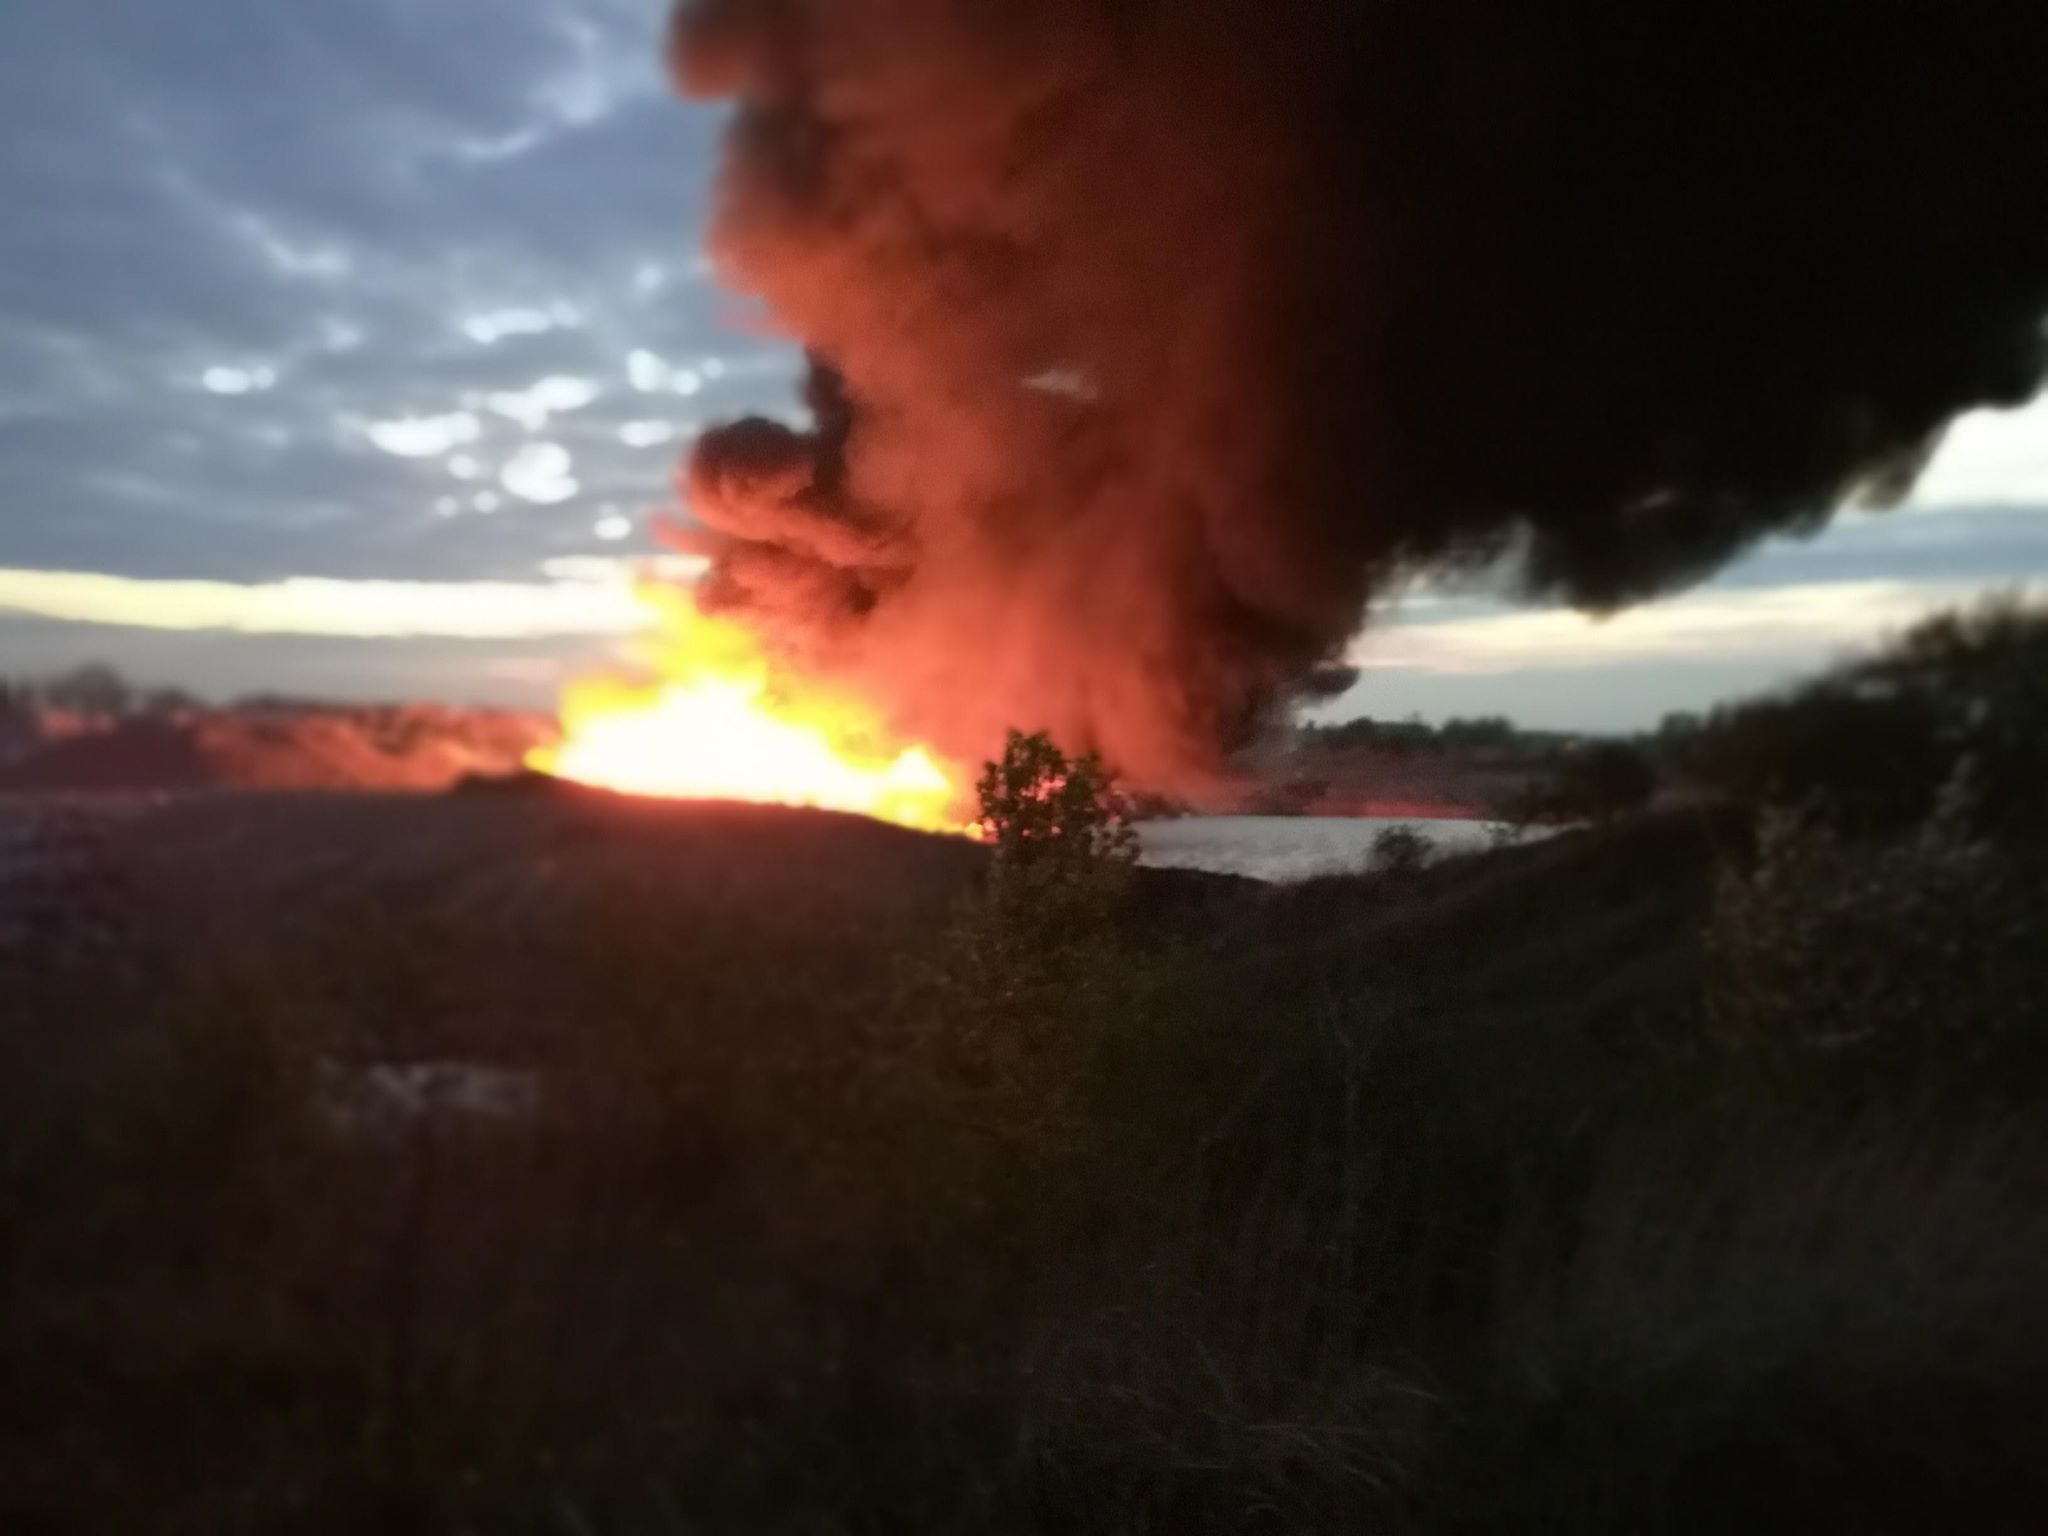 Uwaga ! Olbrzymi pożar składowiska śmieci. Zagrożenie dla mieszkańców - KOMUNIKAT [ZDJĘCIA, FILM]